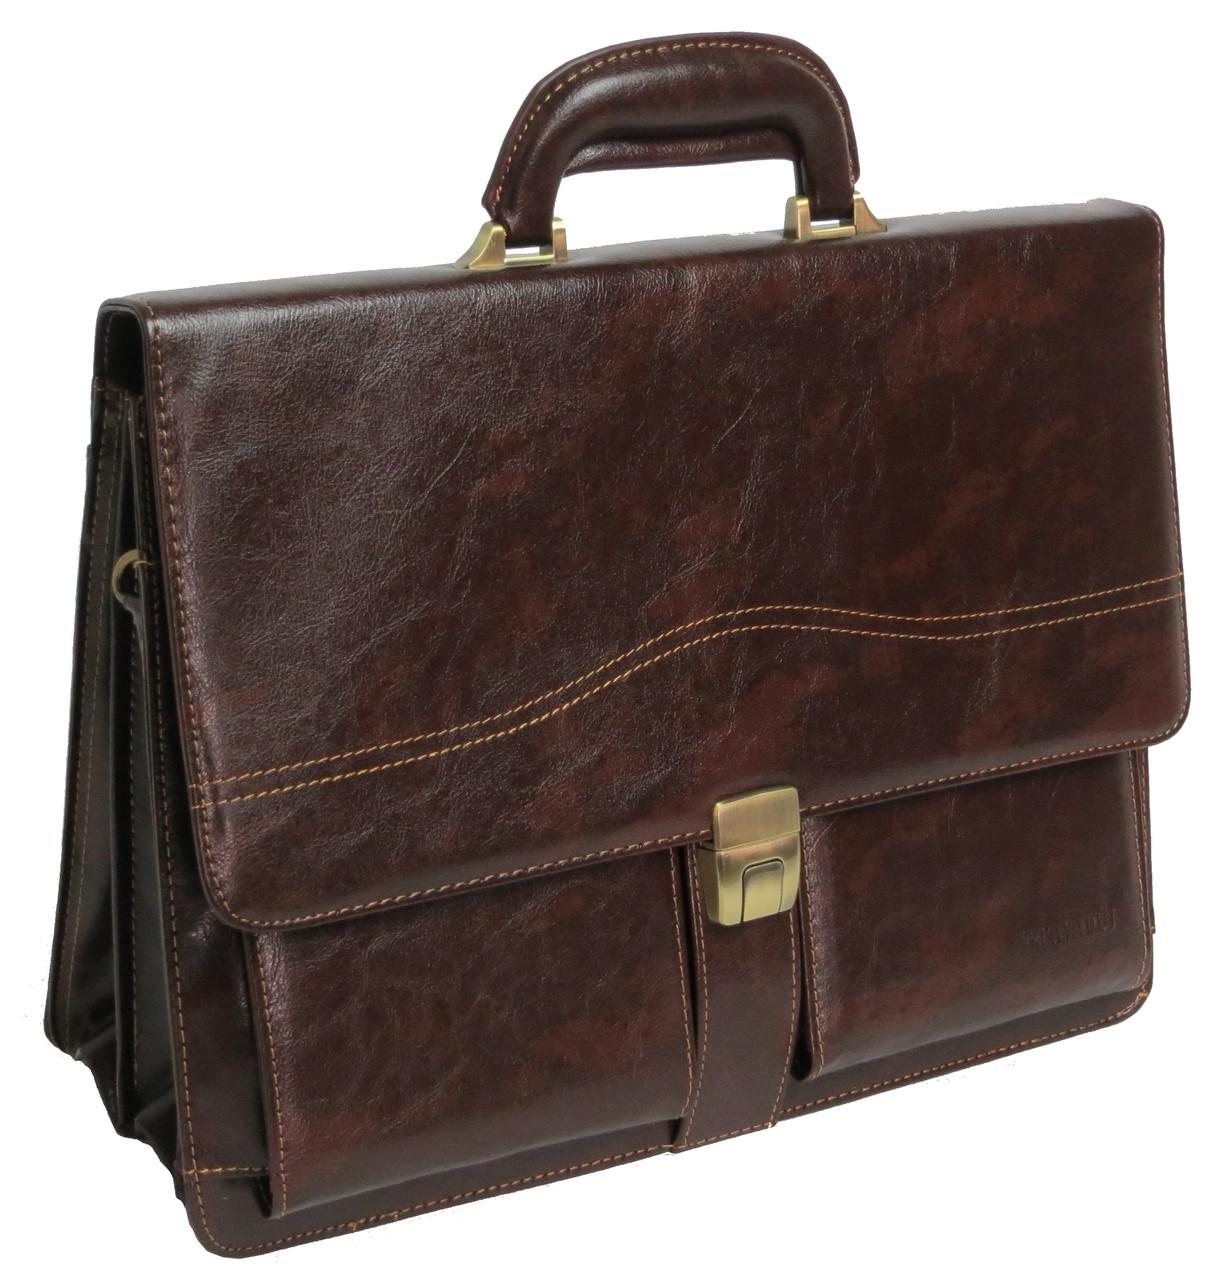 Деловой портфель из искусственной кожи 4U CAVALDI B005 коричневый